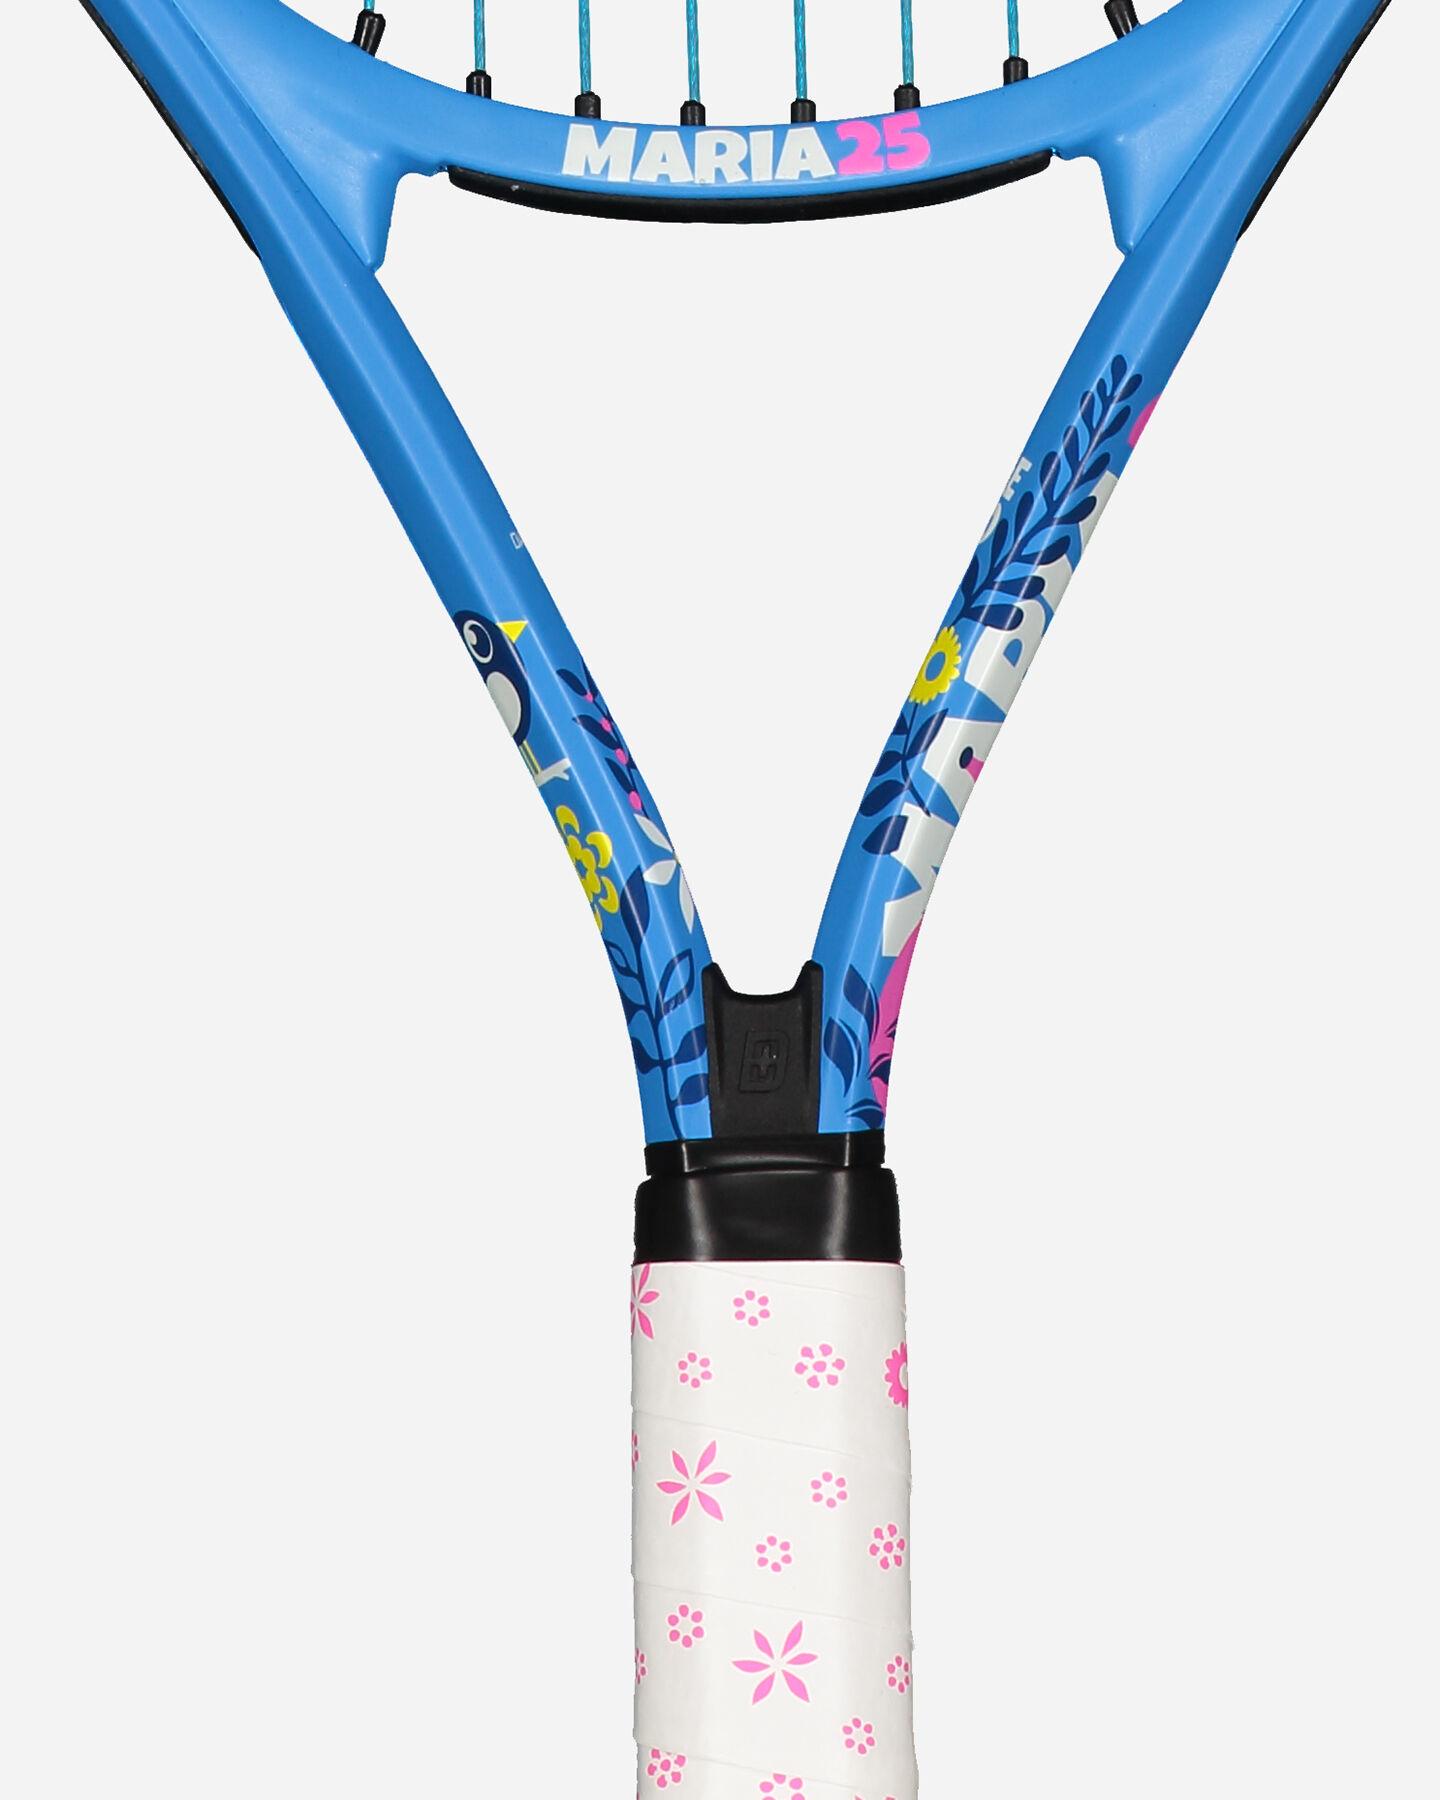 Racchetta tennis HEAD MARIA 25 JR S5220895 UNI SC06 scatto 3